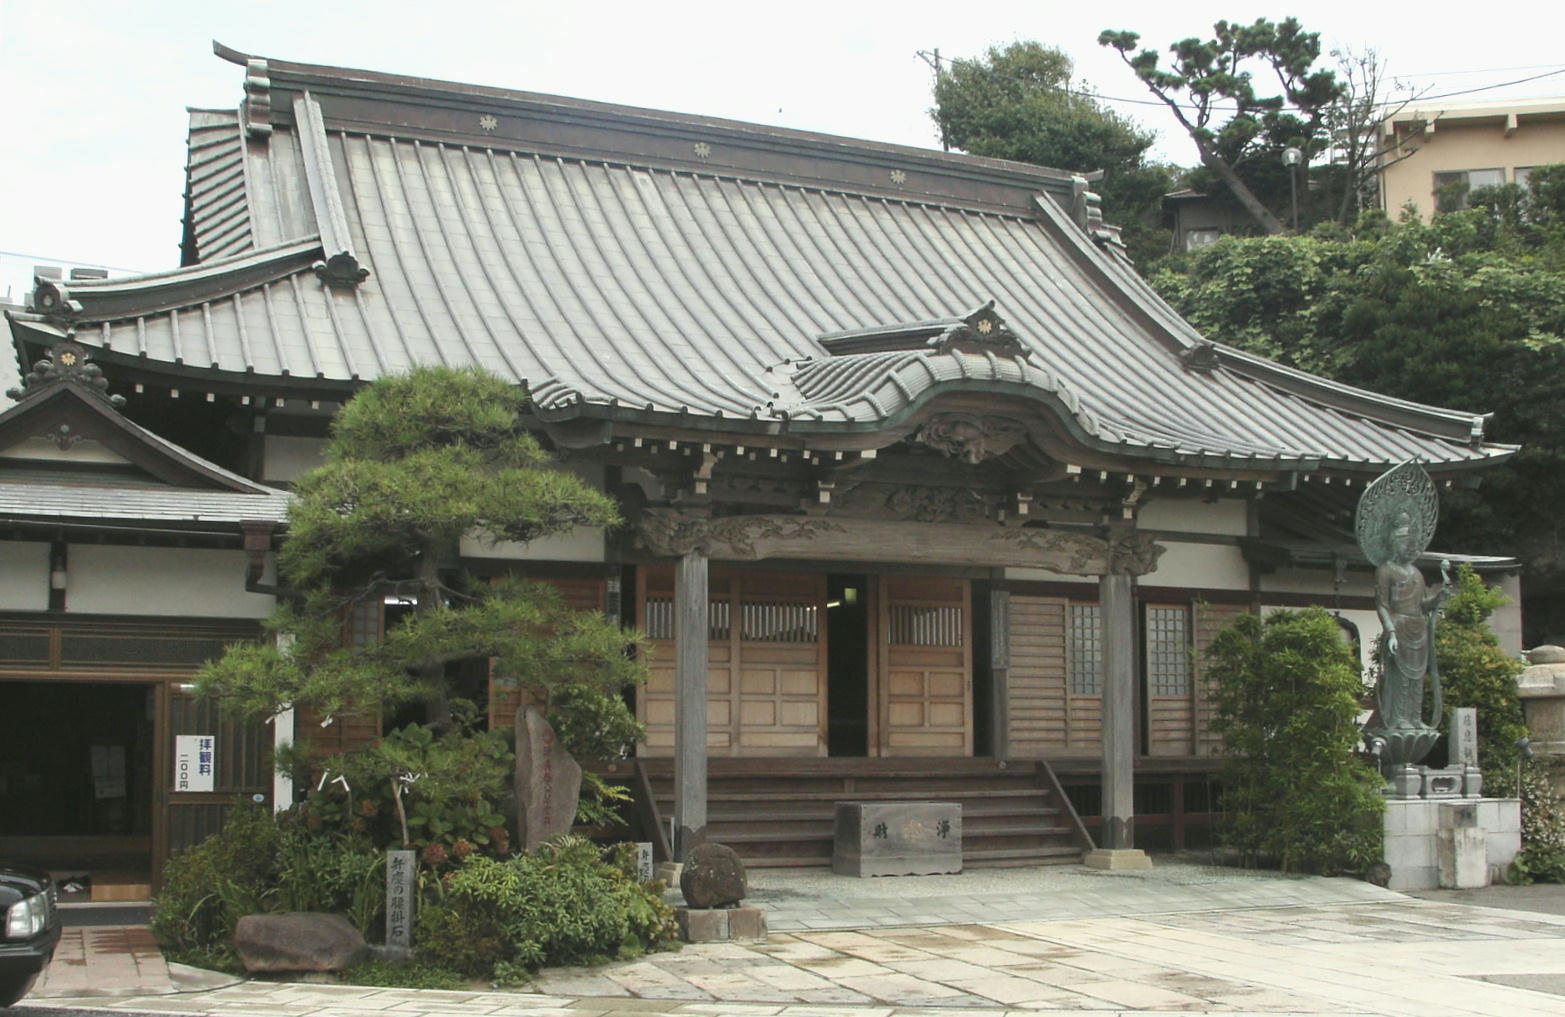 万福寺 鎌倉